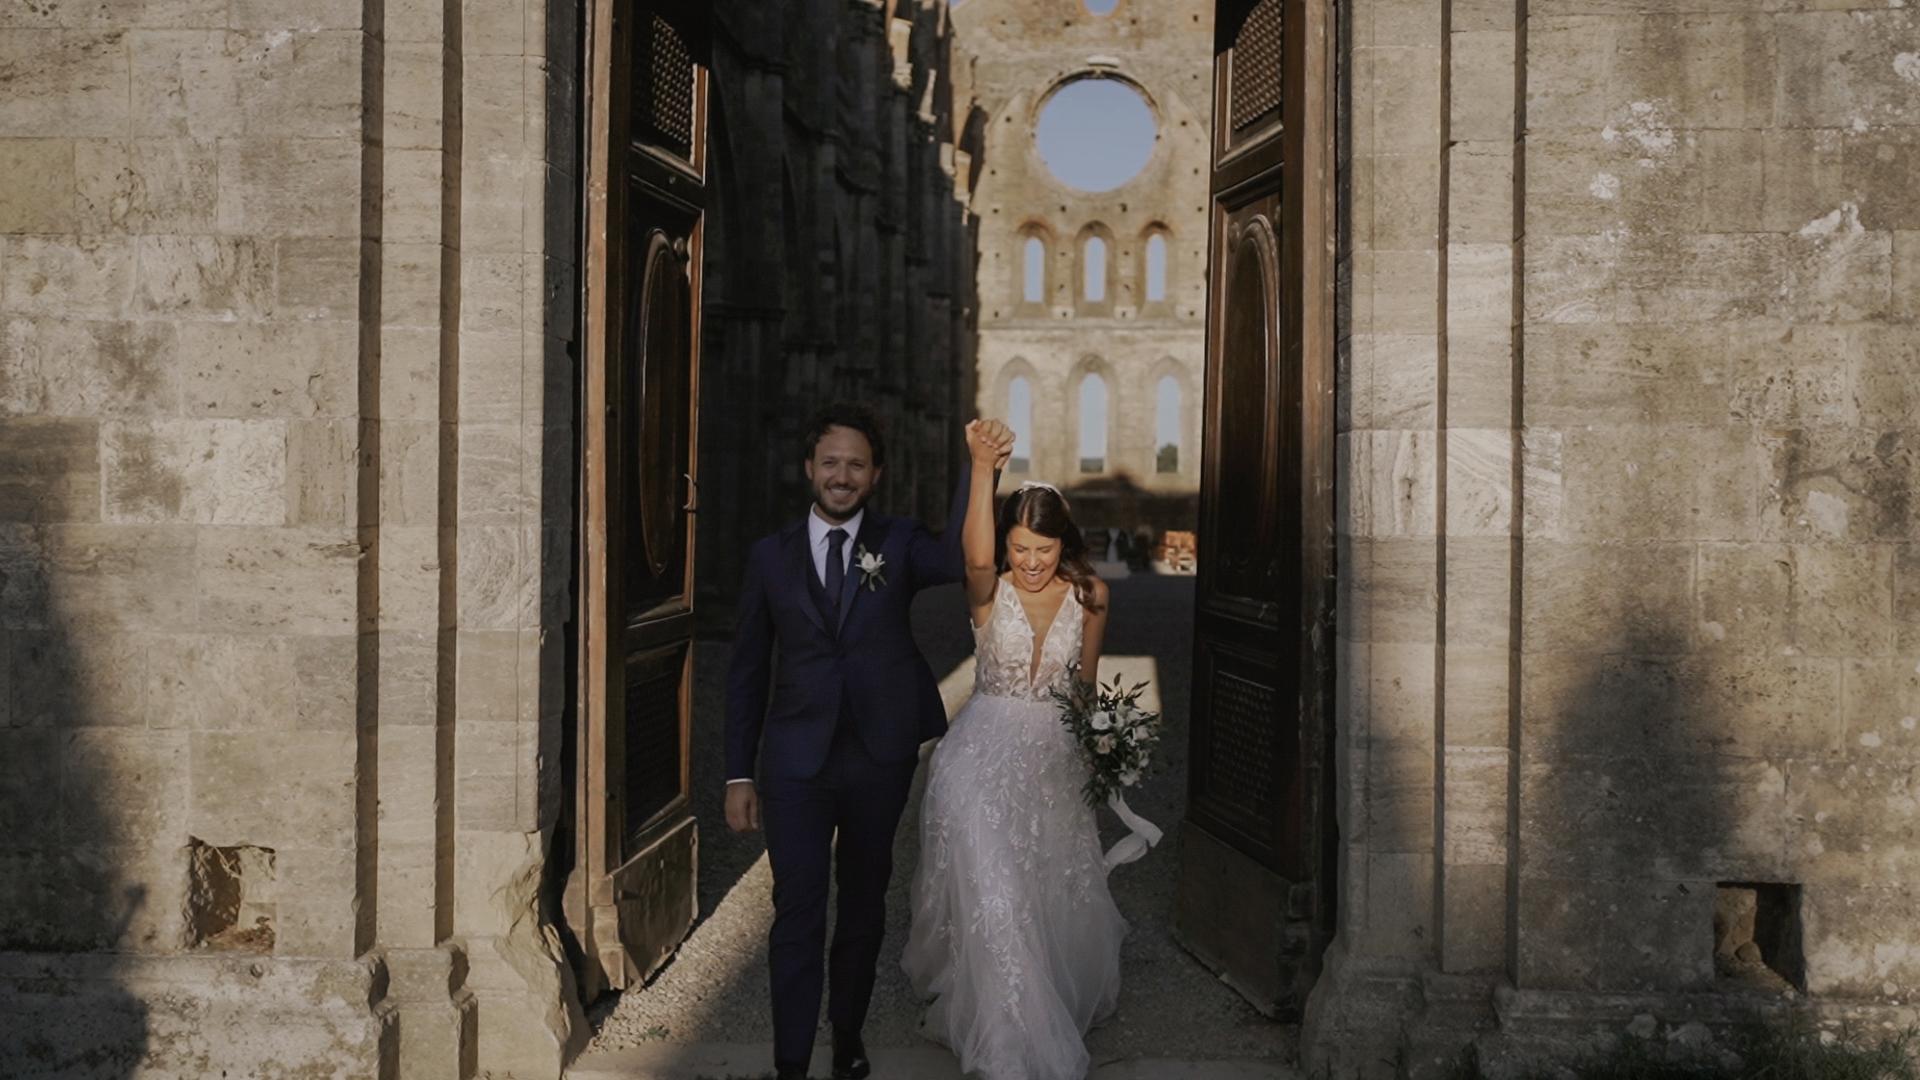 Alice + Matteo | Chiusdino, Italy | Abbey of San Galgano